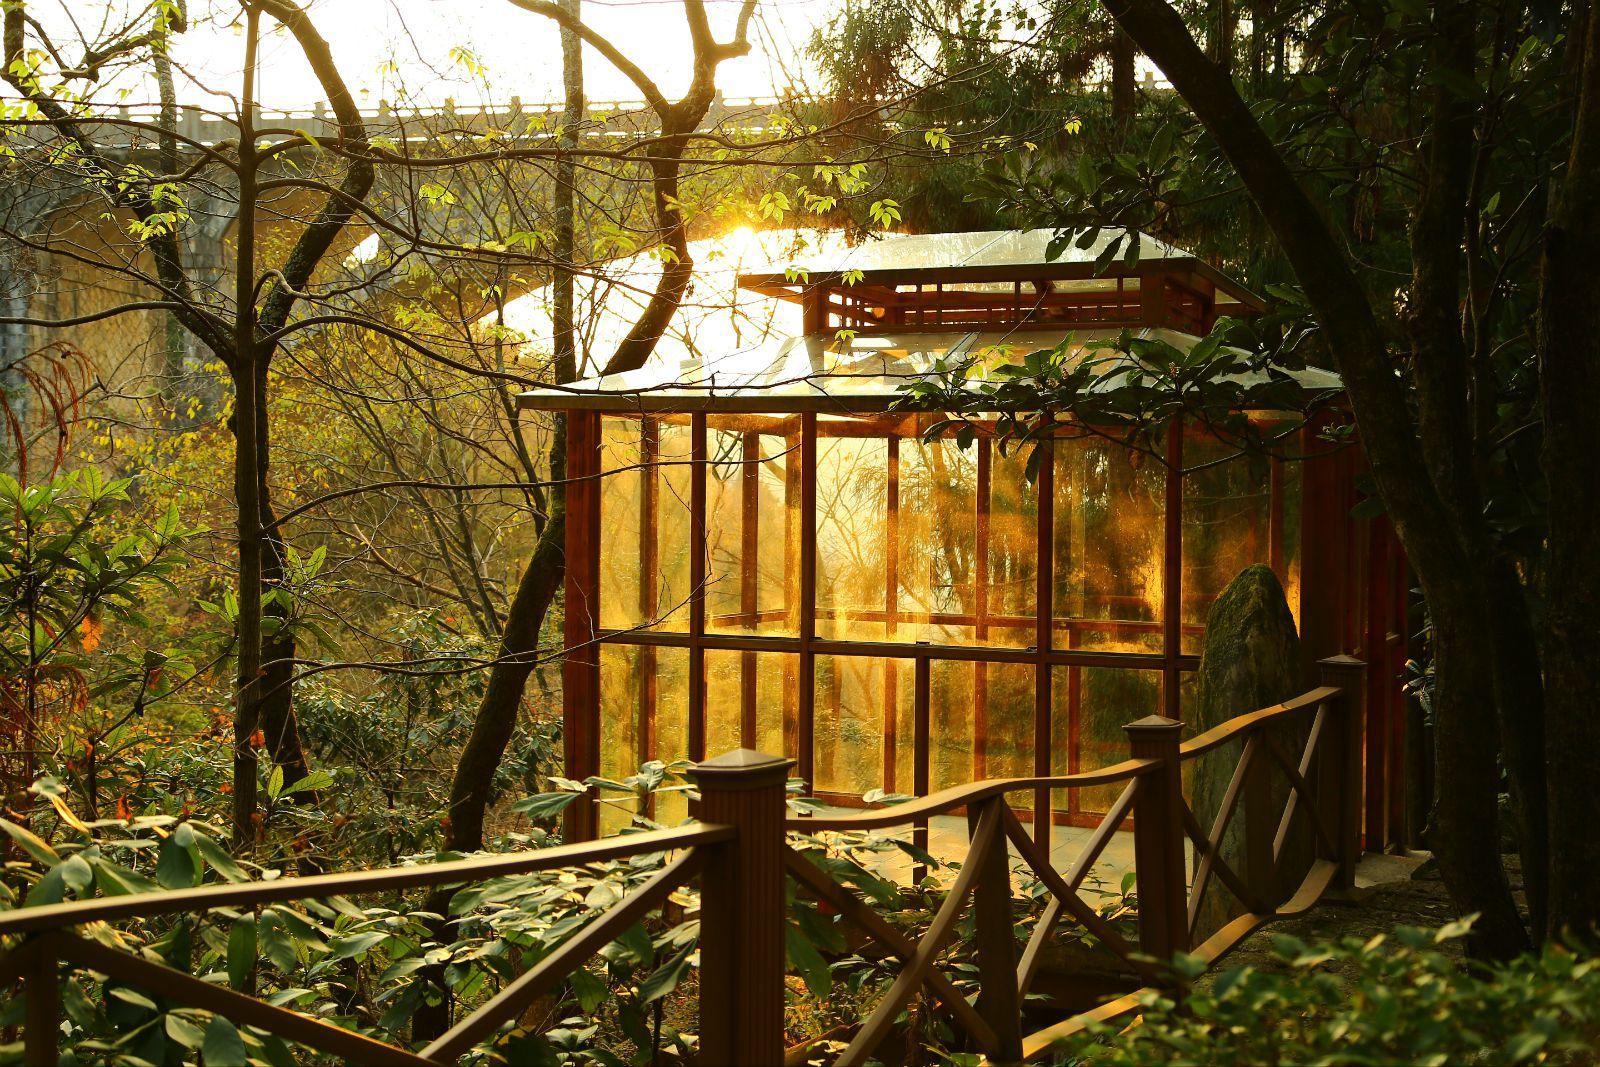 阳光洒在观景小房上,像童话世界的玻璃屋?图片